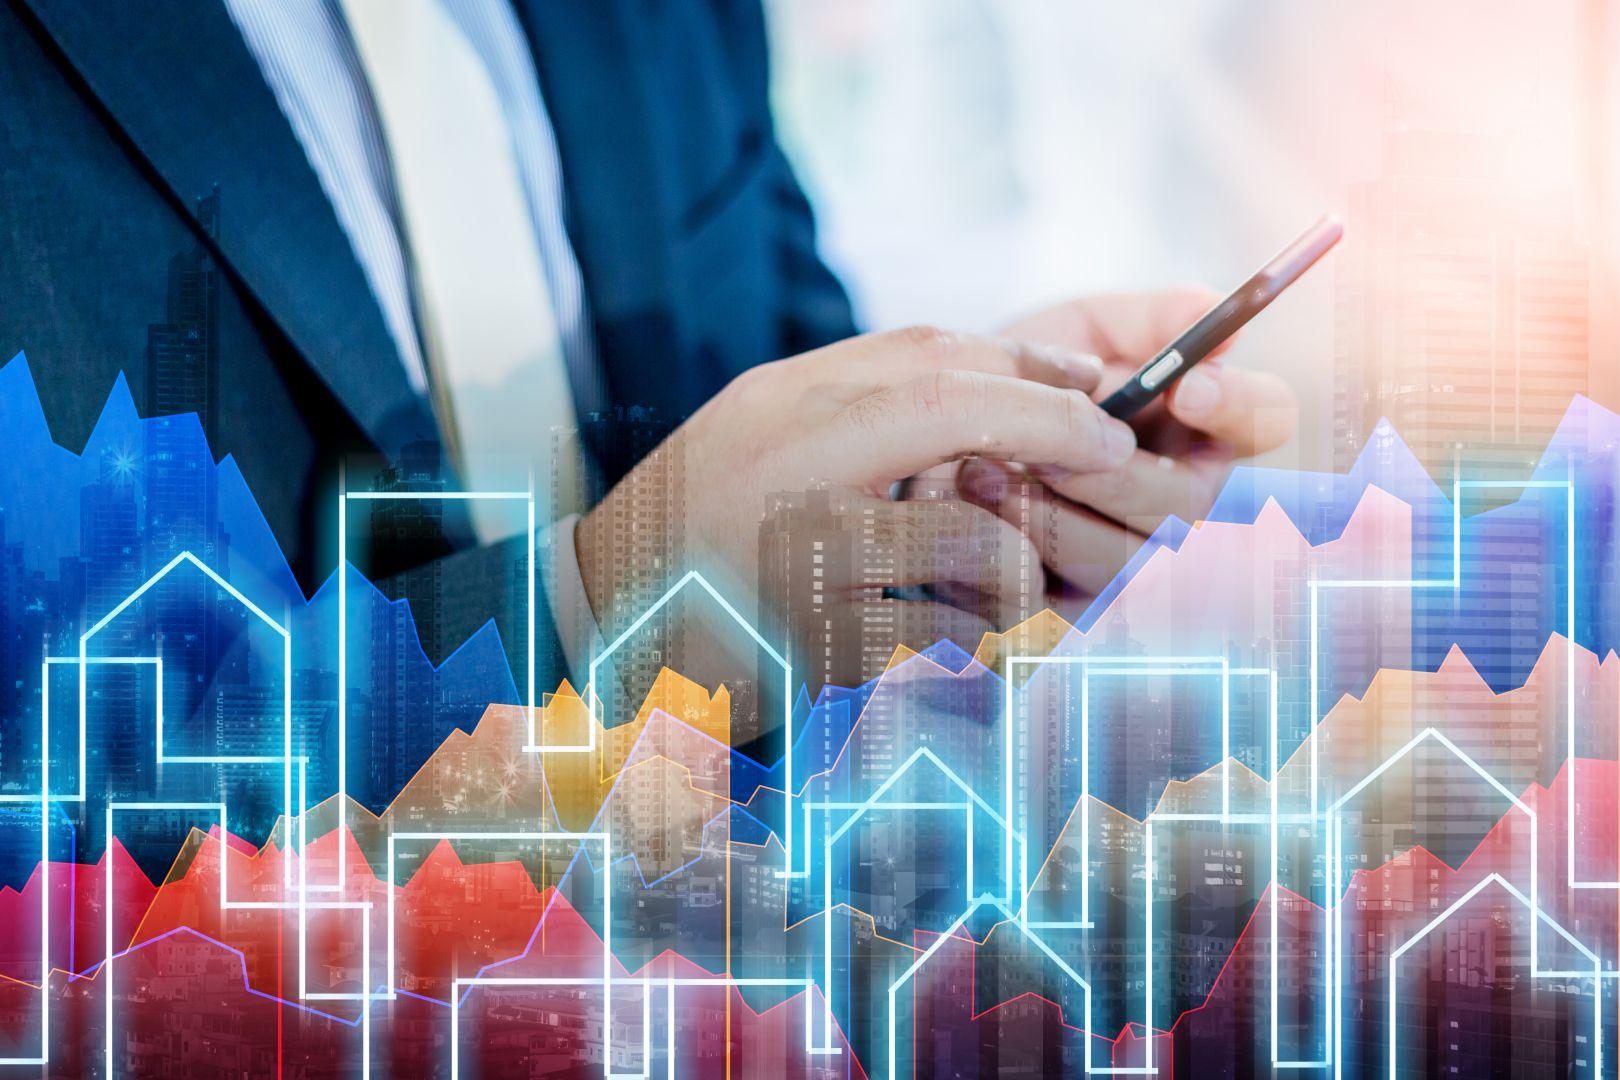 Agents immobiliers, comment utiliser les datas sur les prix de l'Administration fiscale